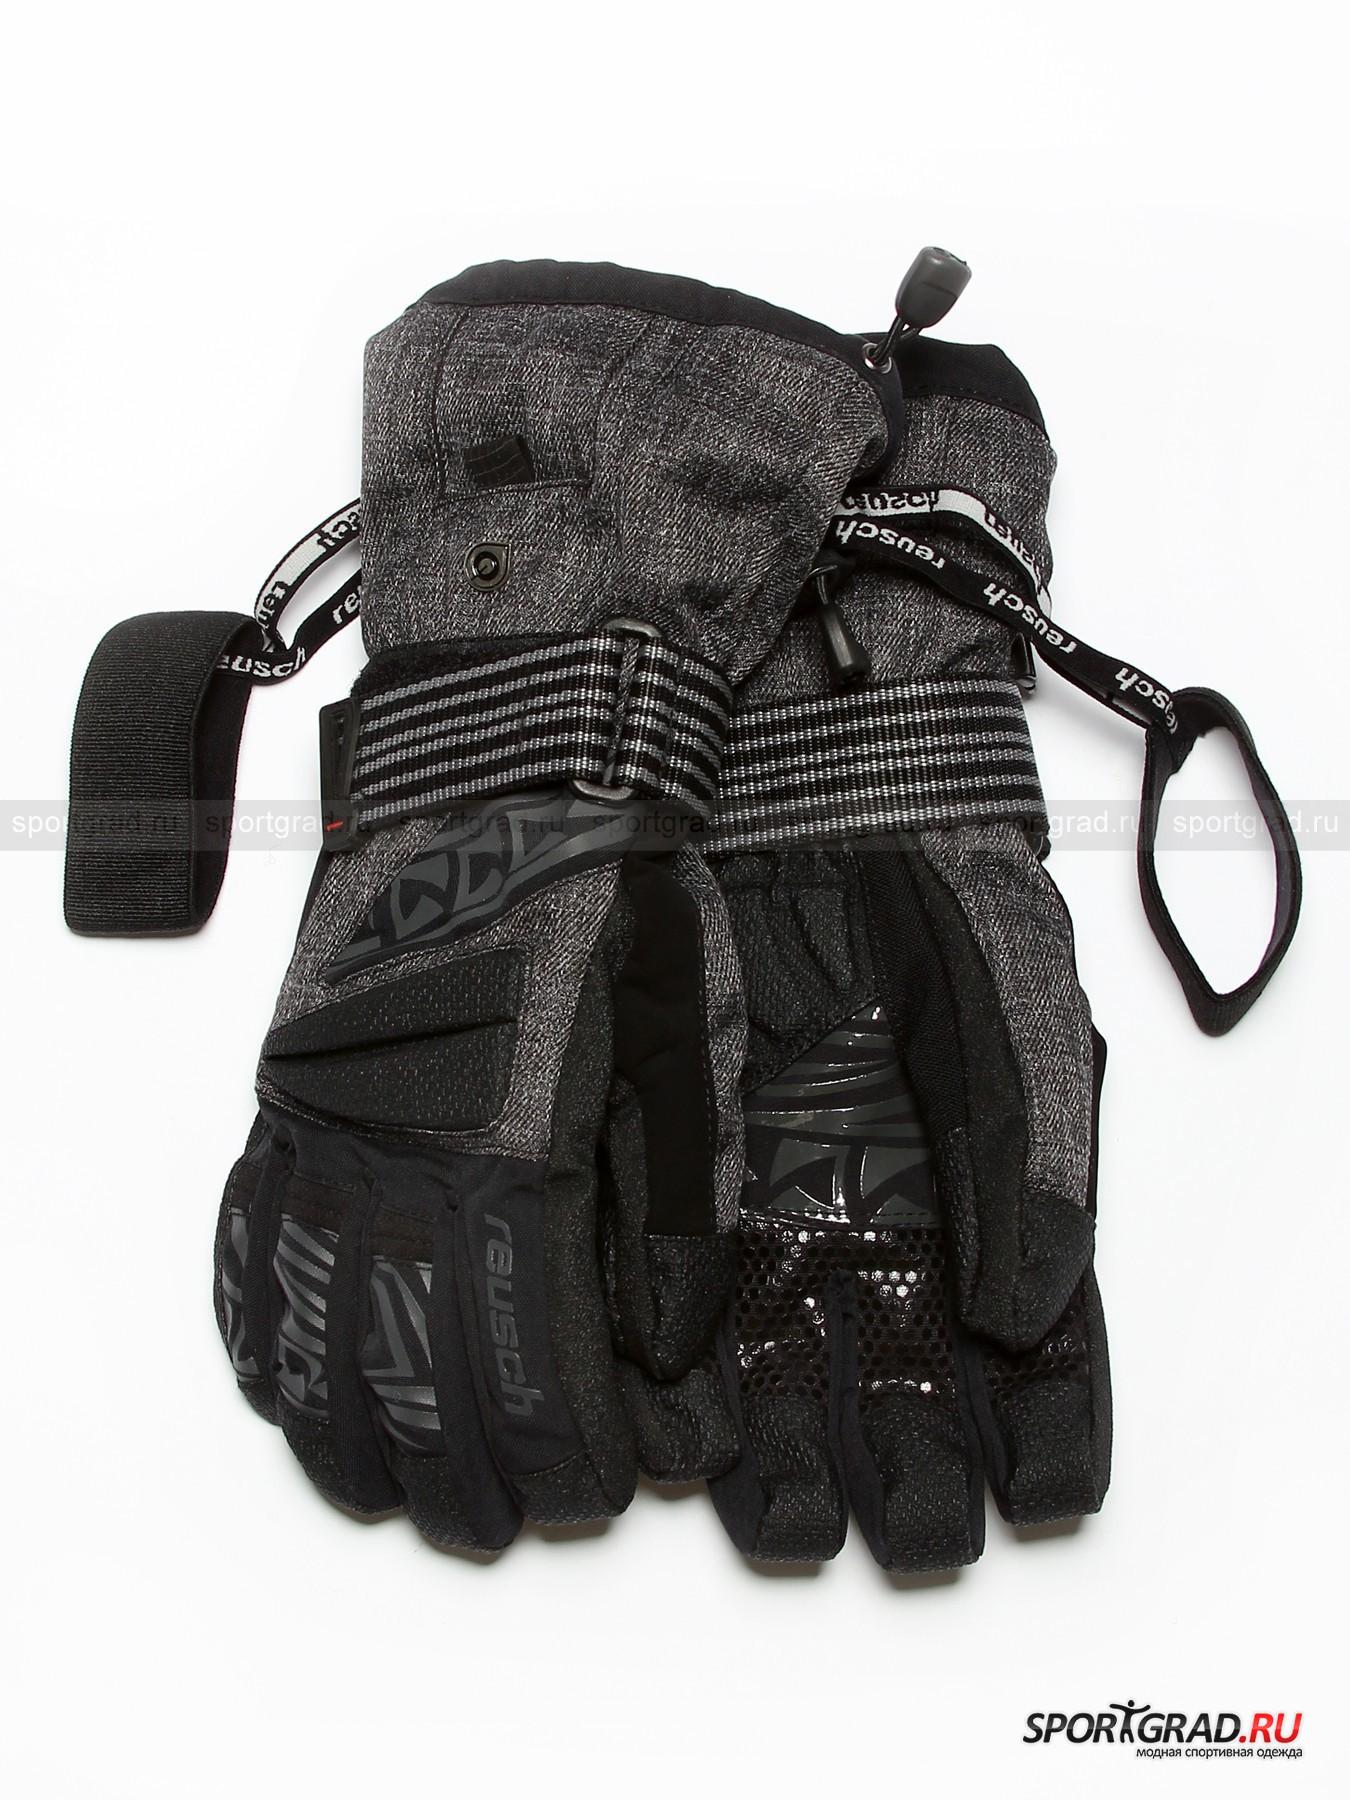 Перчатки мужские горнолыжные Sweeber R-TEX XT REUSCH от Спортград